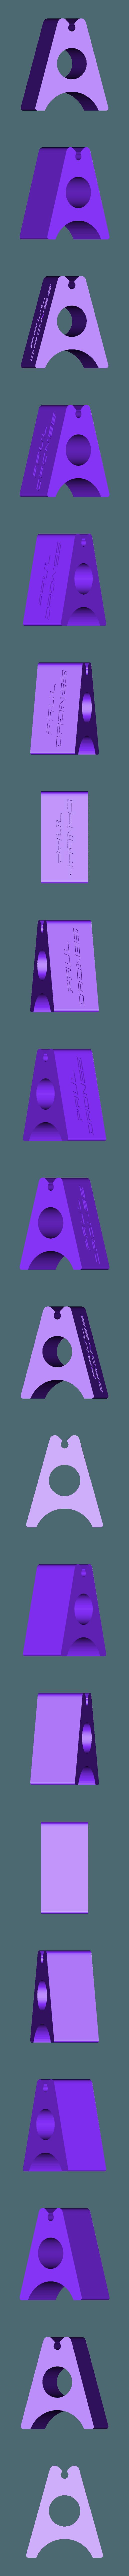 protector_apoyo_crossfire_5mm_asa.stl Download free OBJ file Soporte protector para modulo TX Crossfire (Horus 10) • 3D print design, PaulDrones